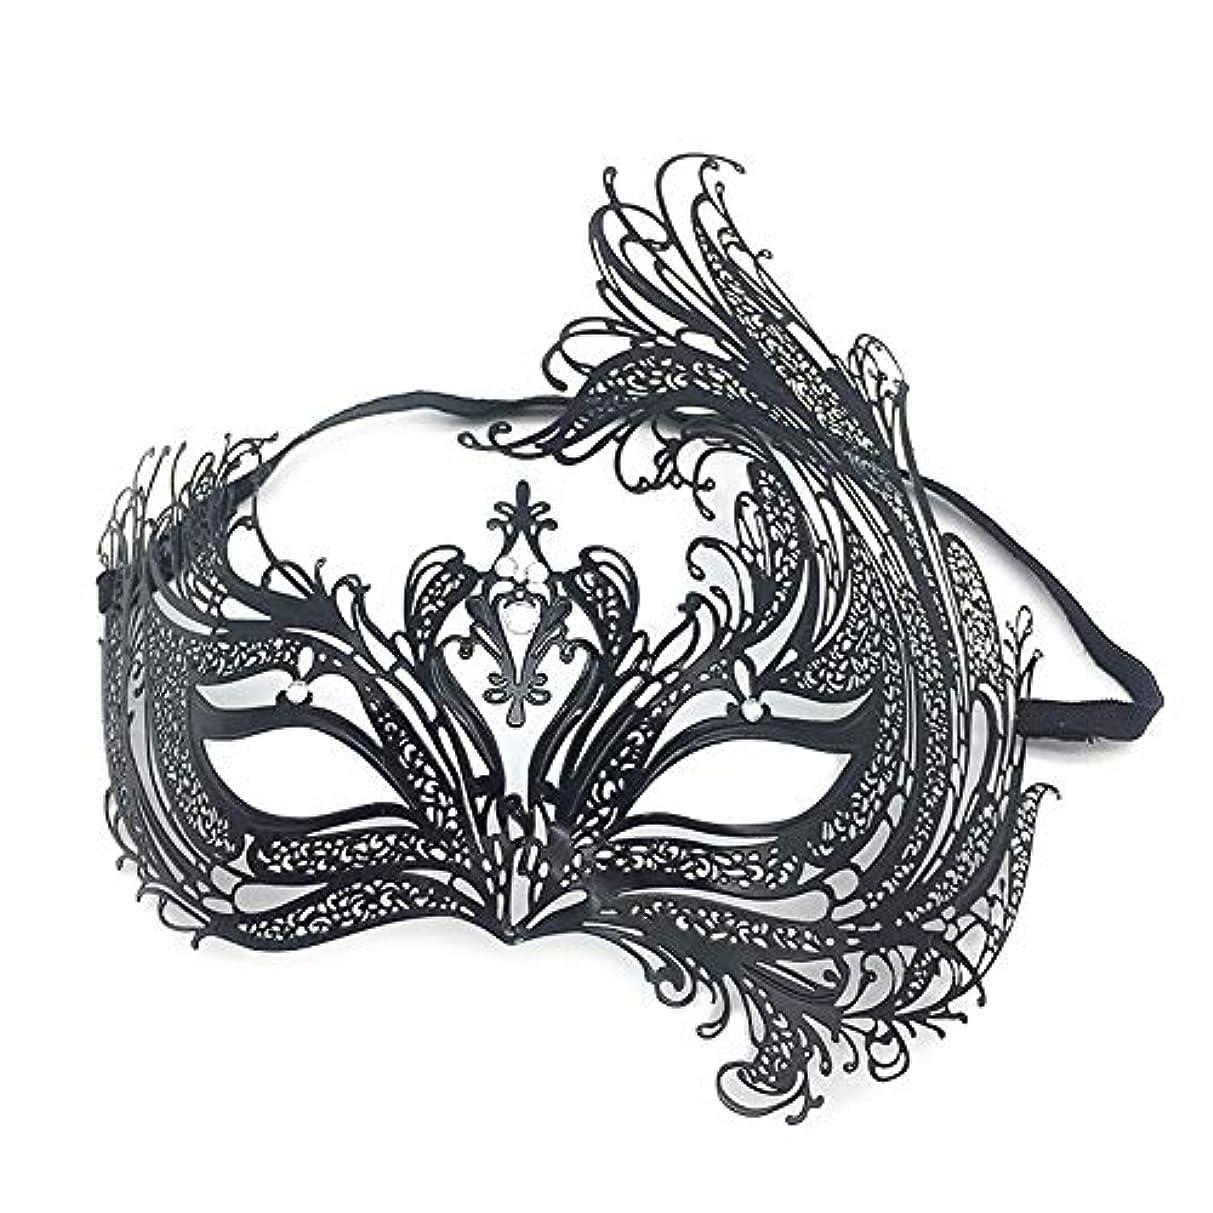 委任するハーブ解任ハロウィンマスクメタルダイヤモンドマスカレードマスクパーティーブラックセクシーなハーフフェイスフェニックスマスク